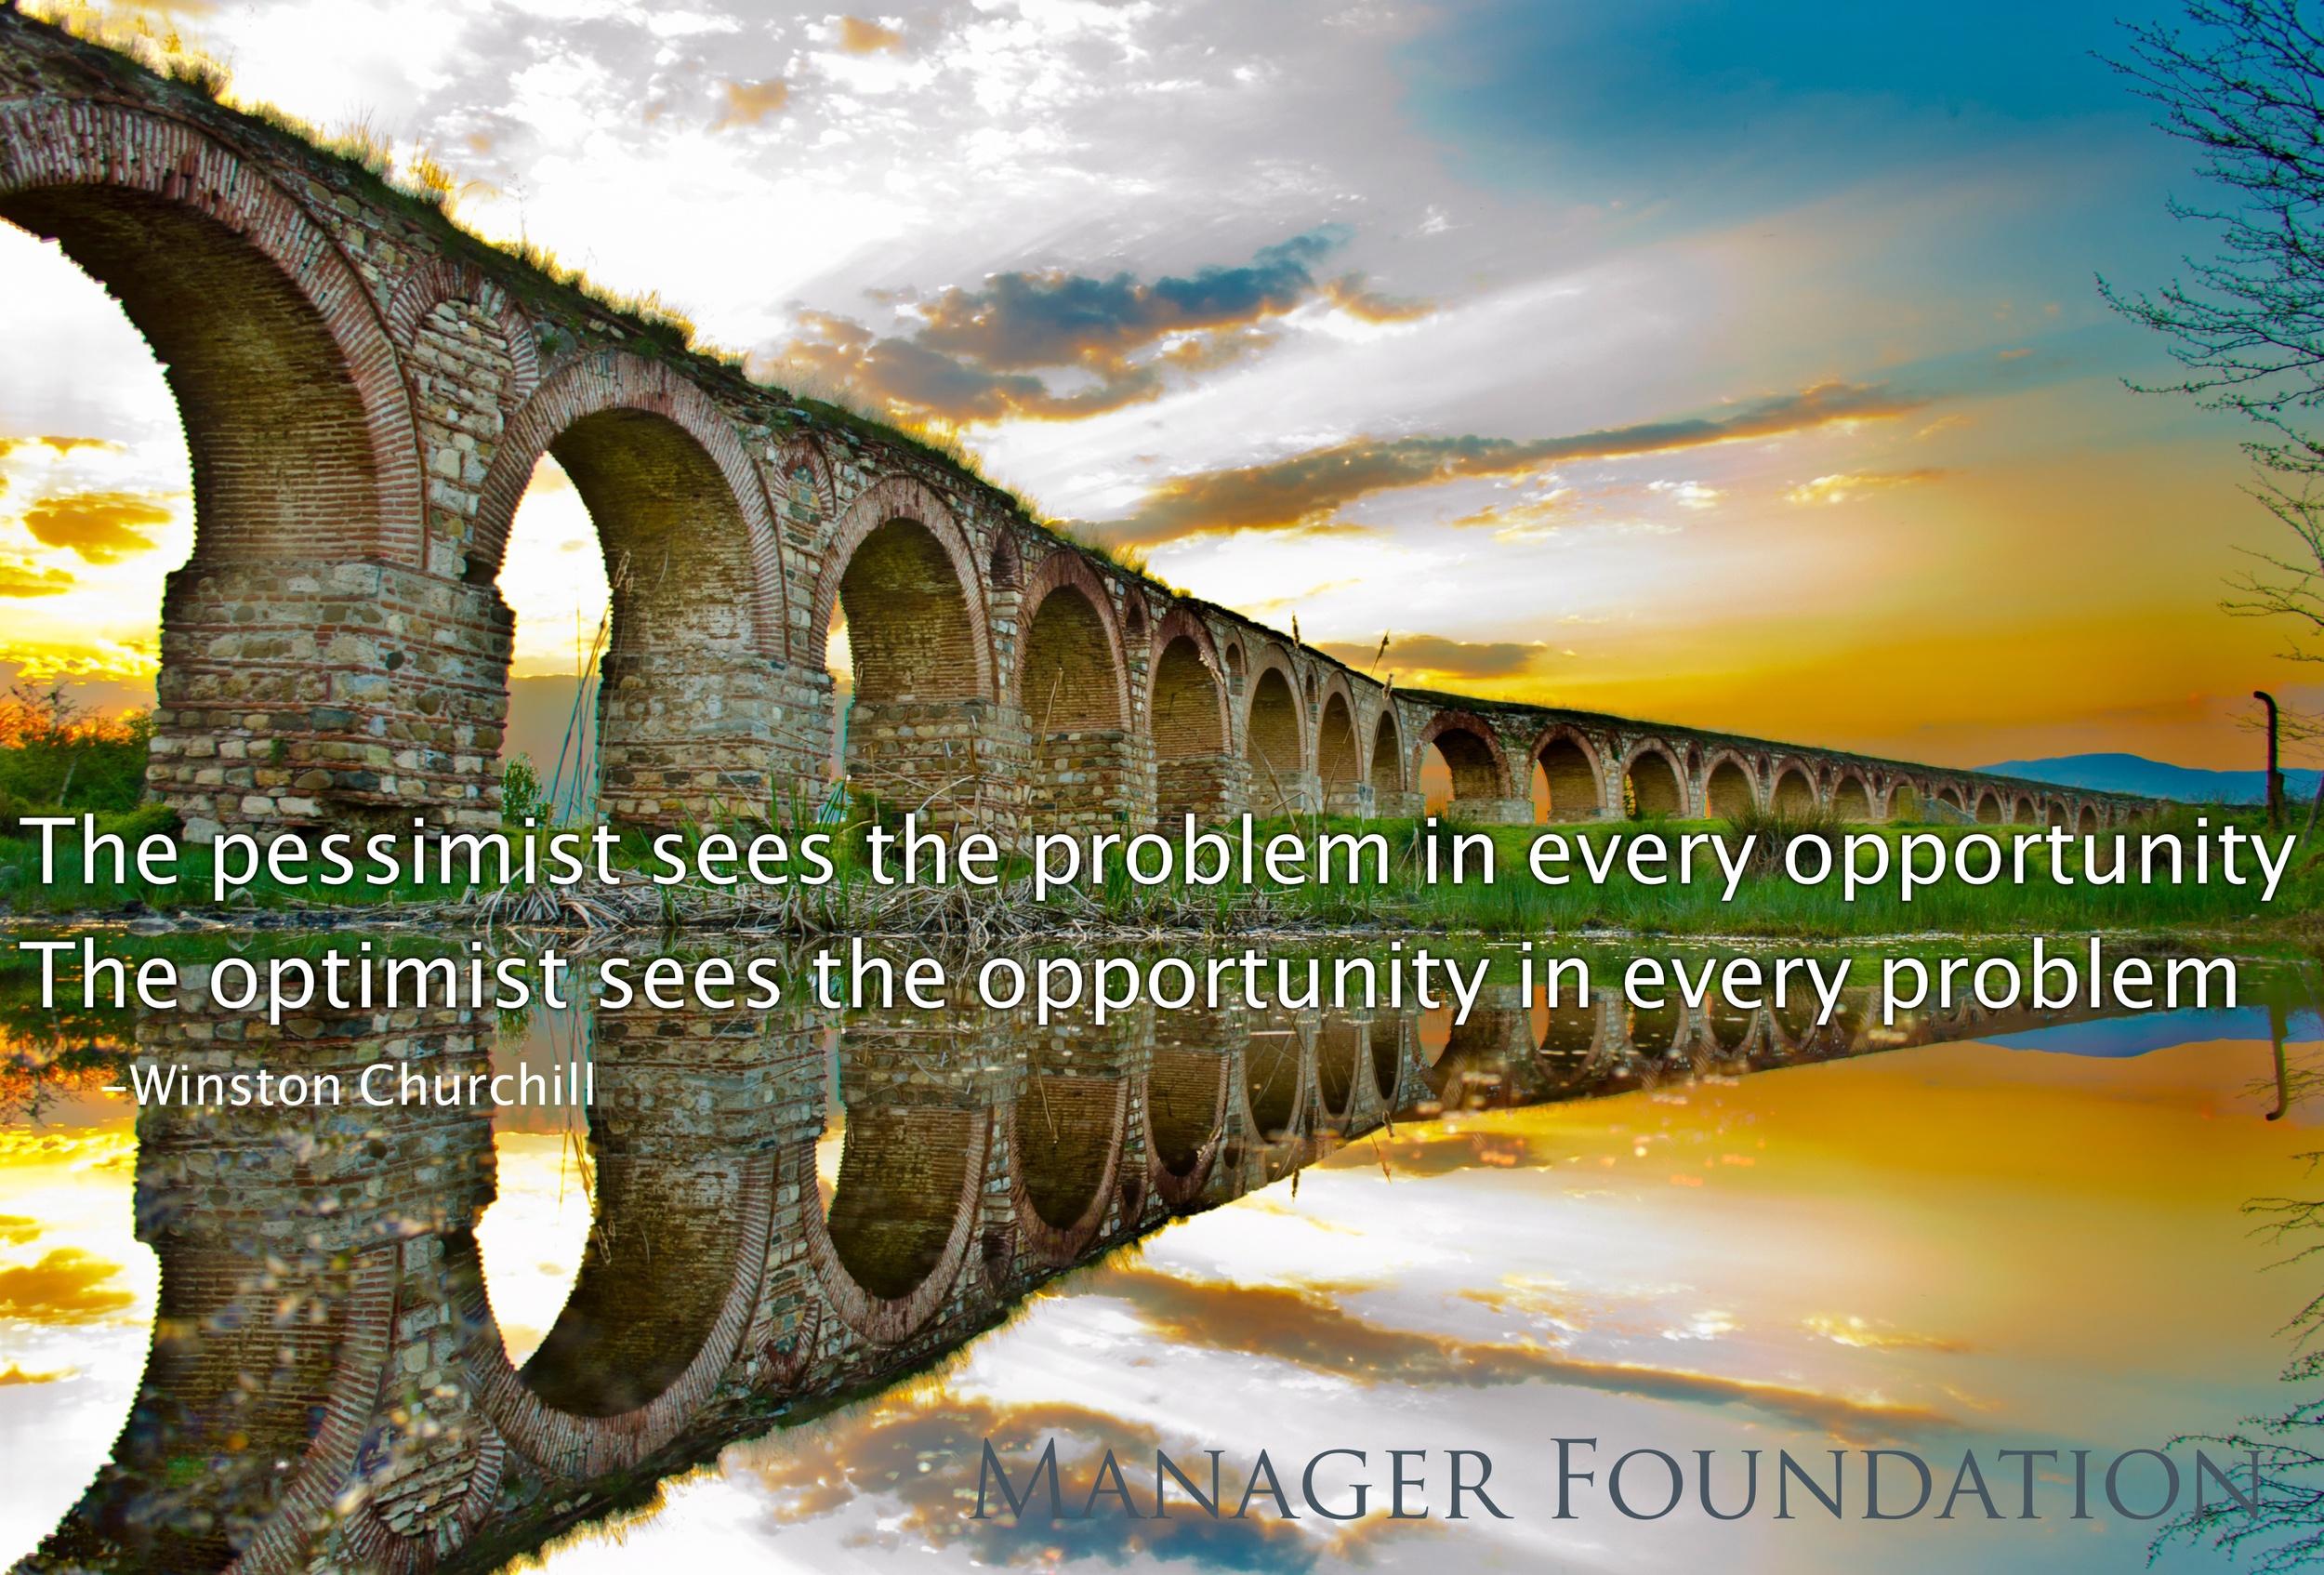 Pessimist optimist problem opportunity Churchill.jpg